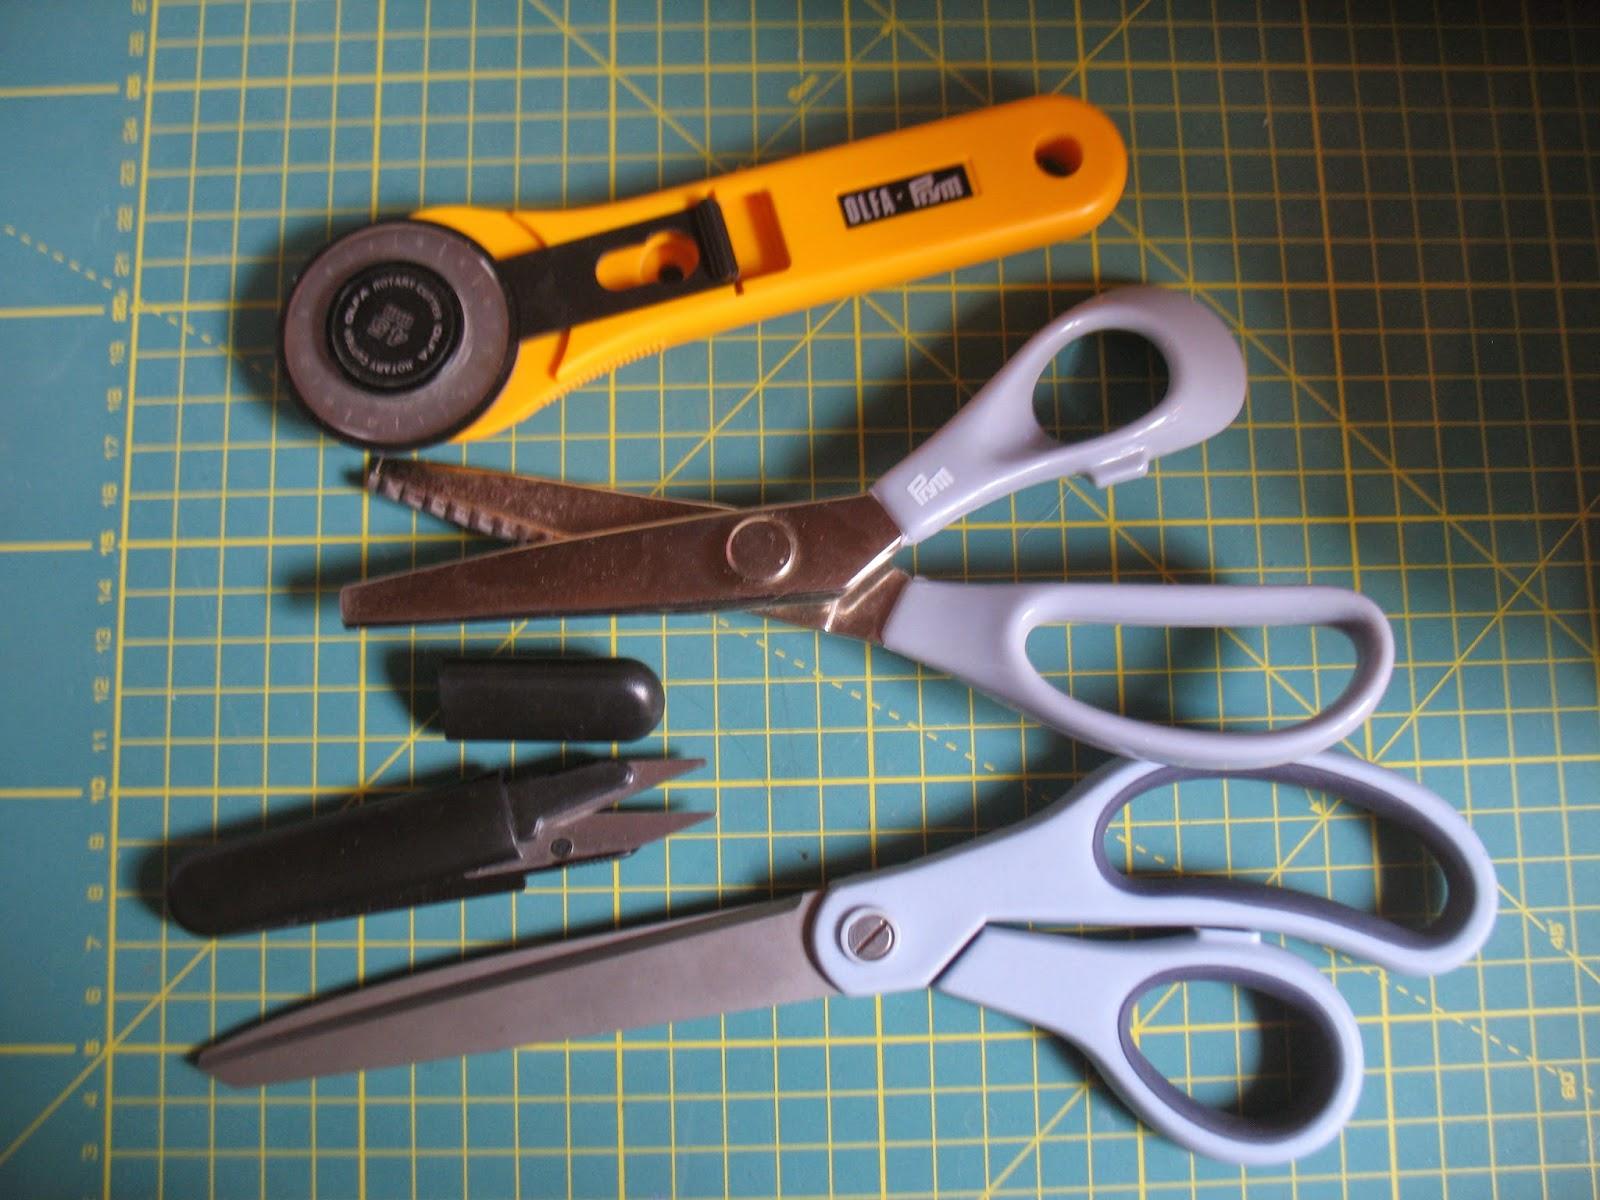 резчик нитей, ножницы-зиг-заг, роликовый нож